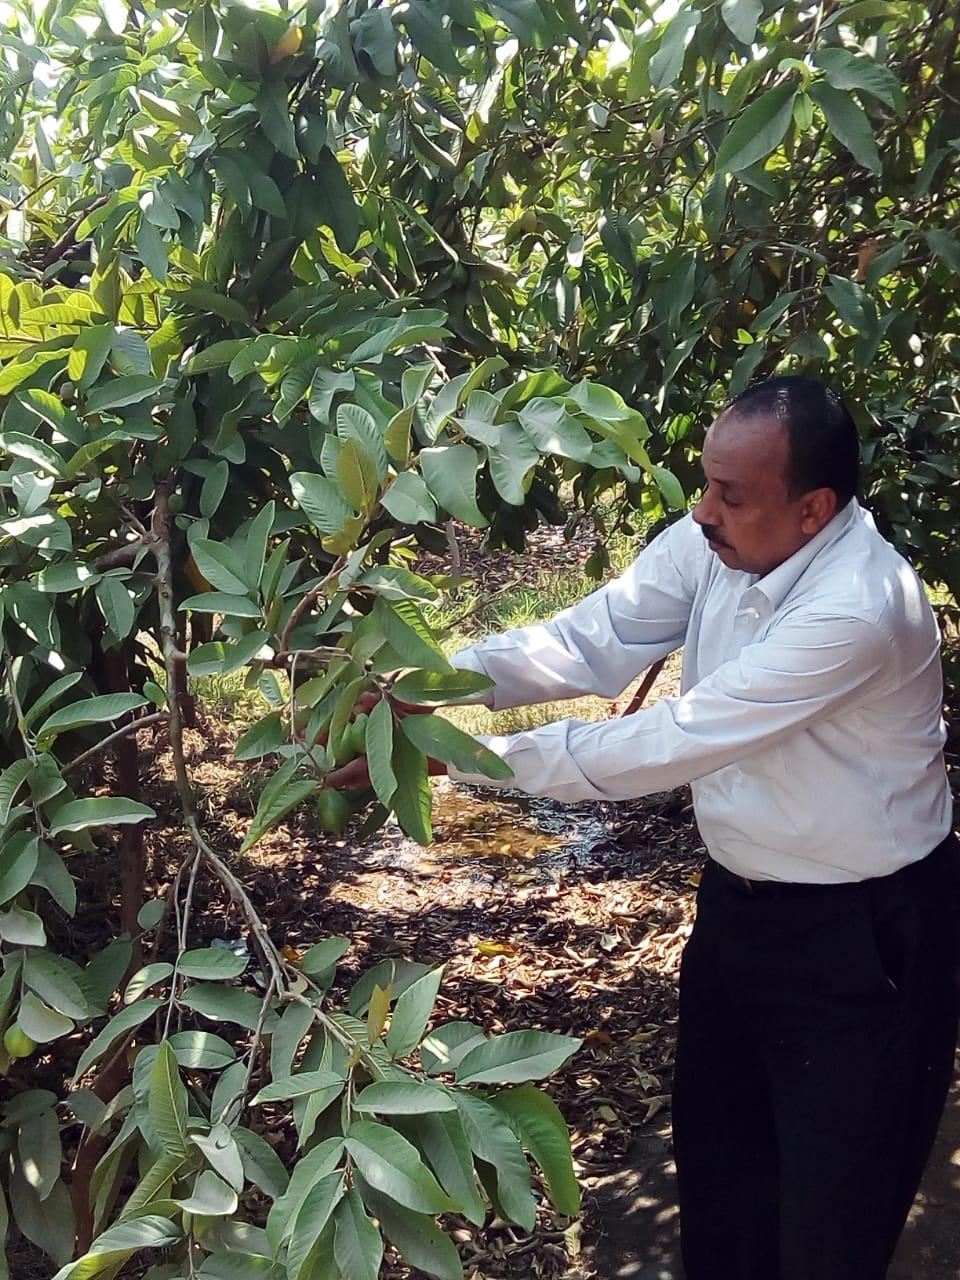 جنى محصول الجوافة (25)